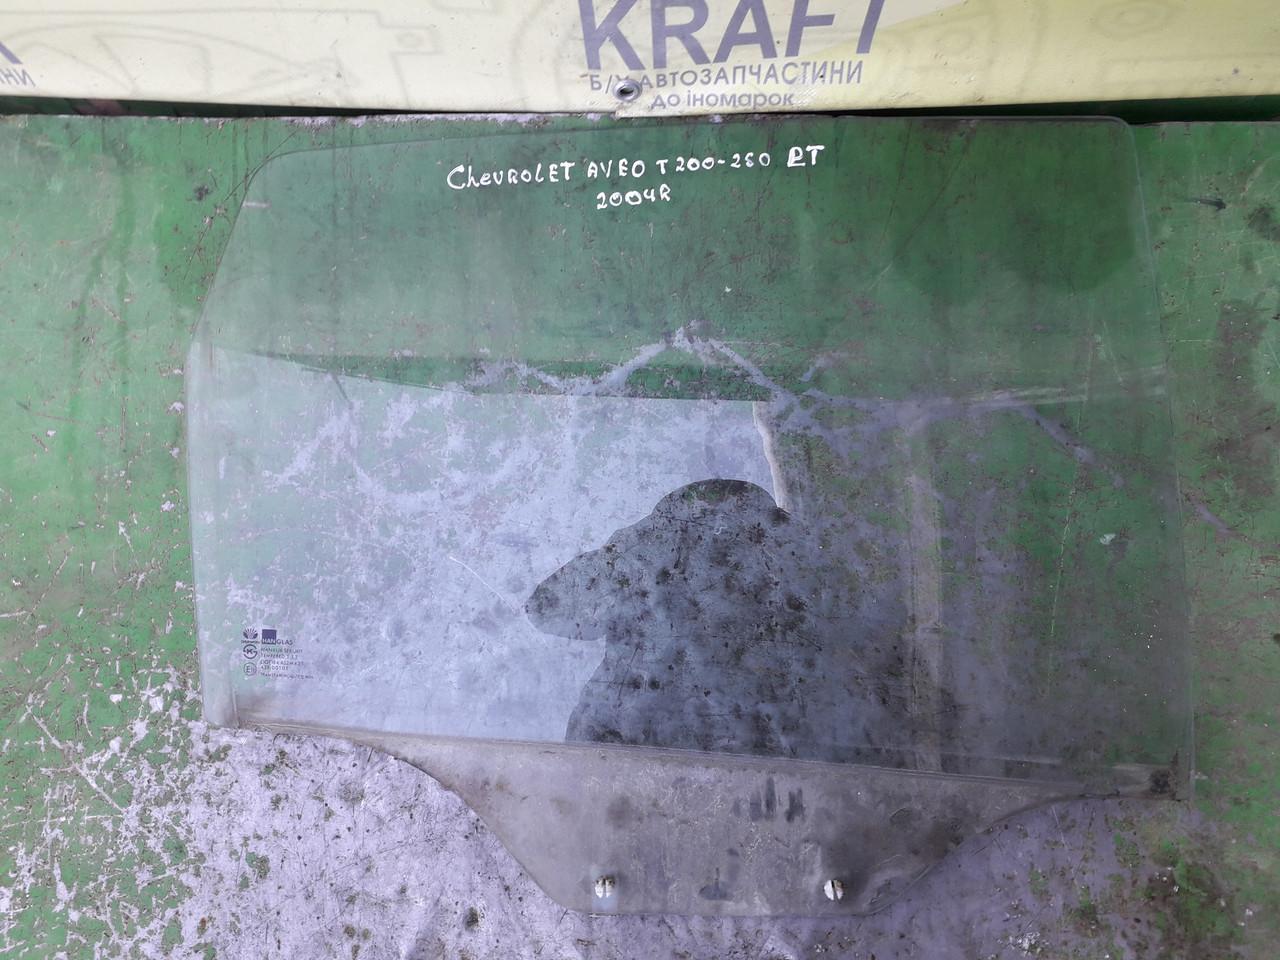 Скло двері задньої лівий для Chevrolet Aveo, Daewoo Kalos хетчбек